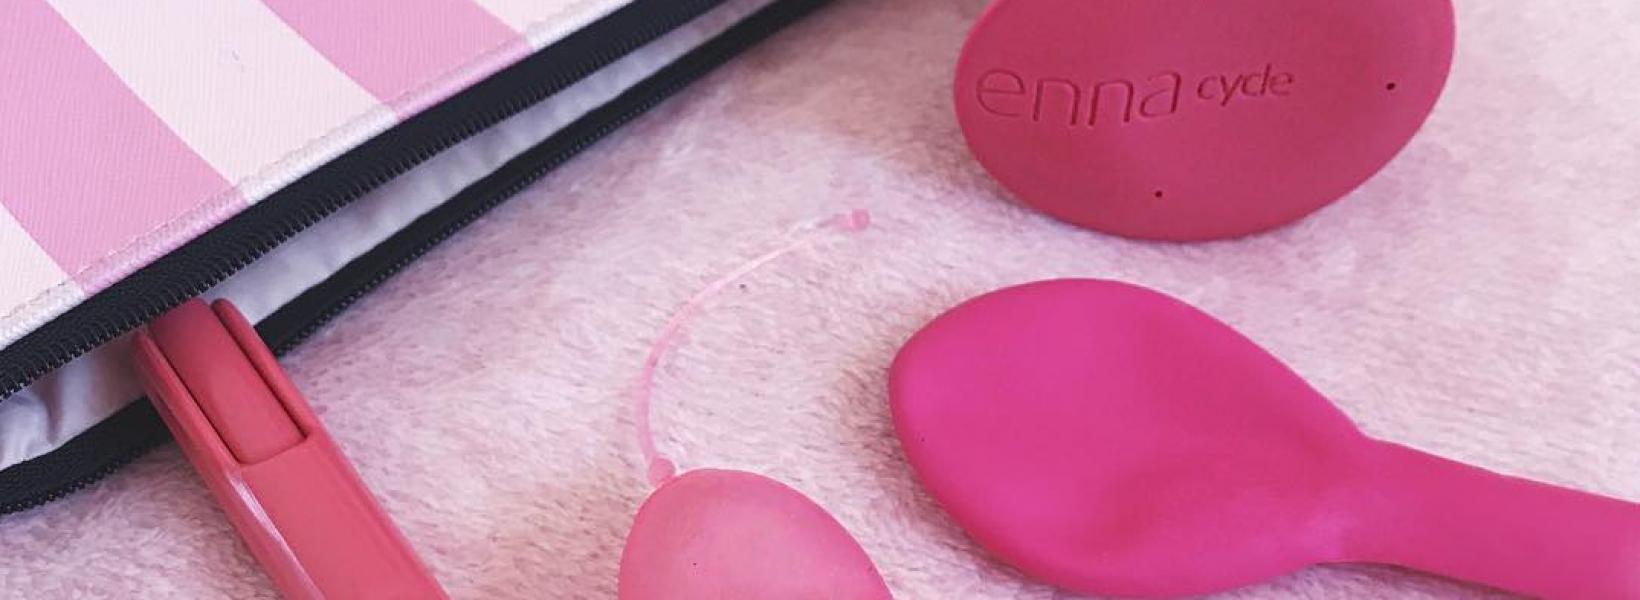 Enna Cycle, la copa menstrual que te animará a dar el paso